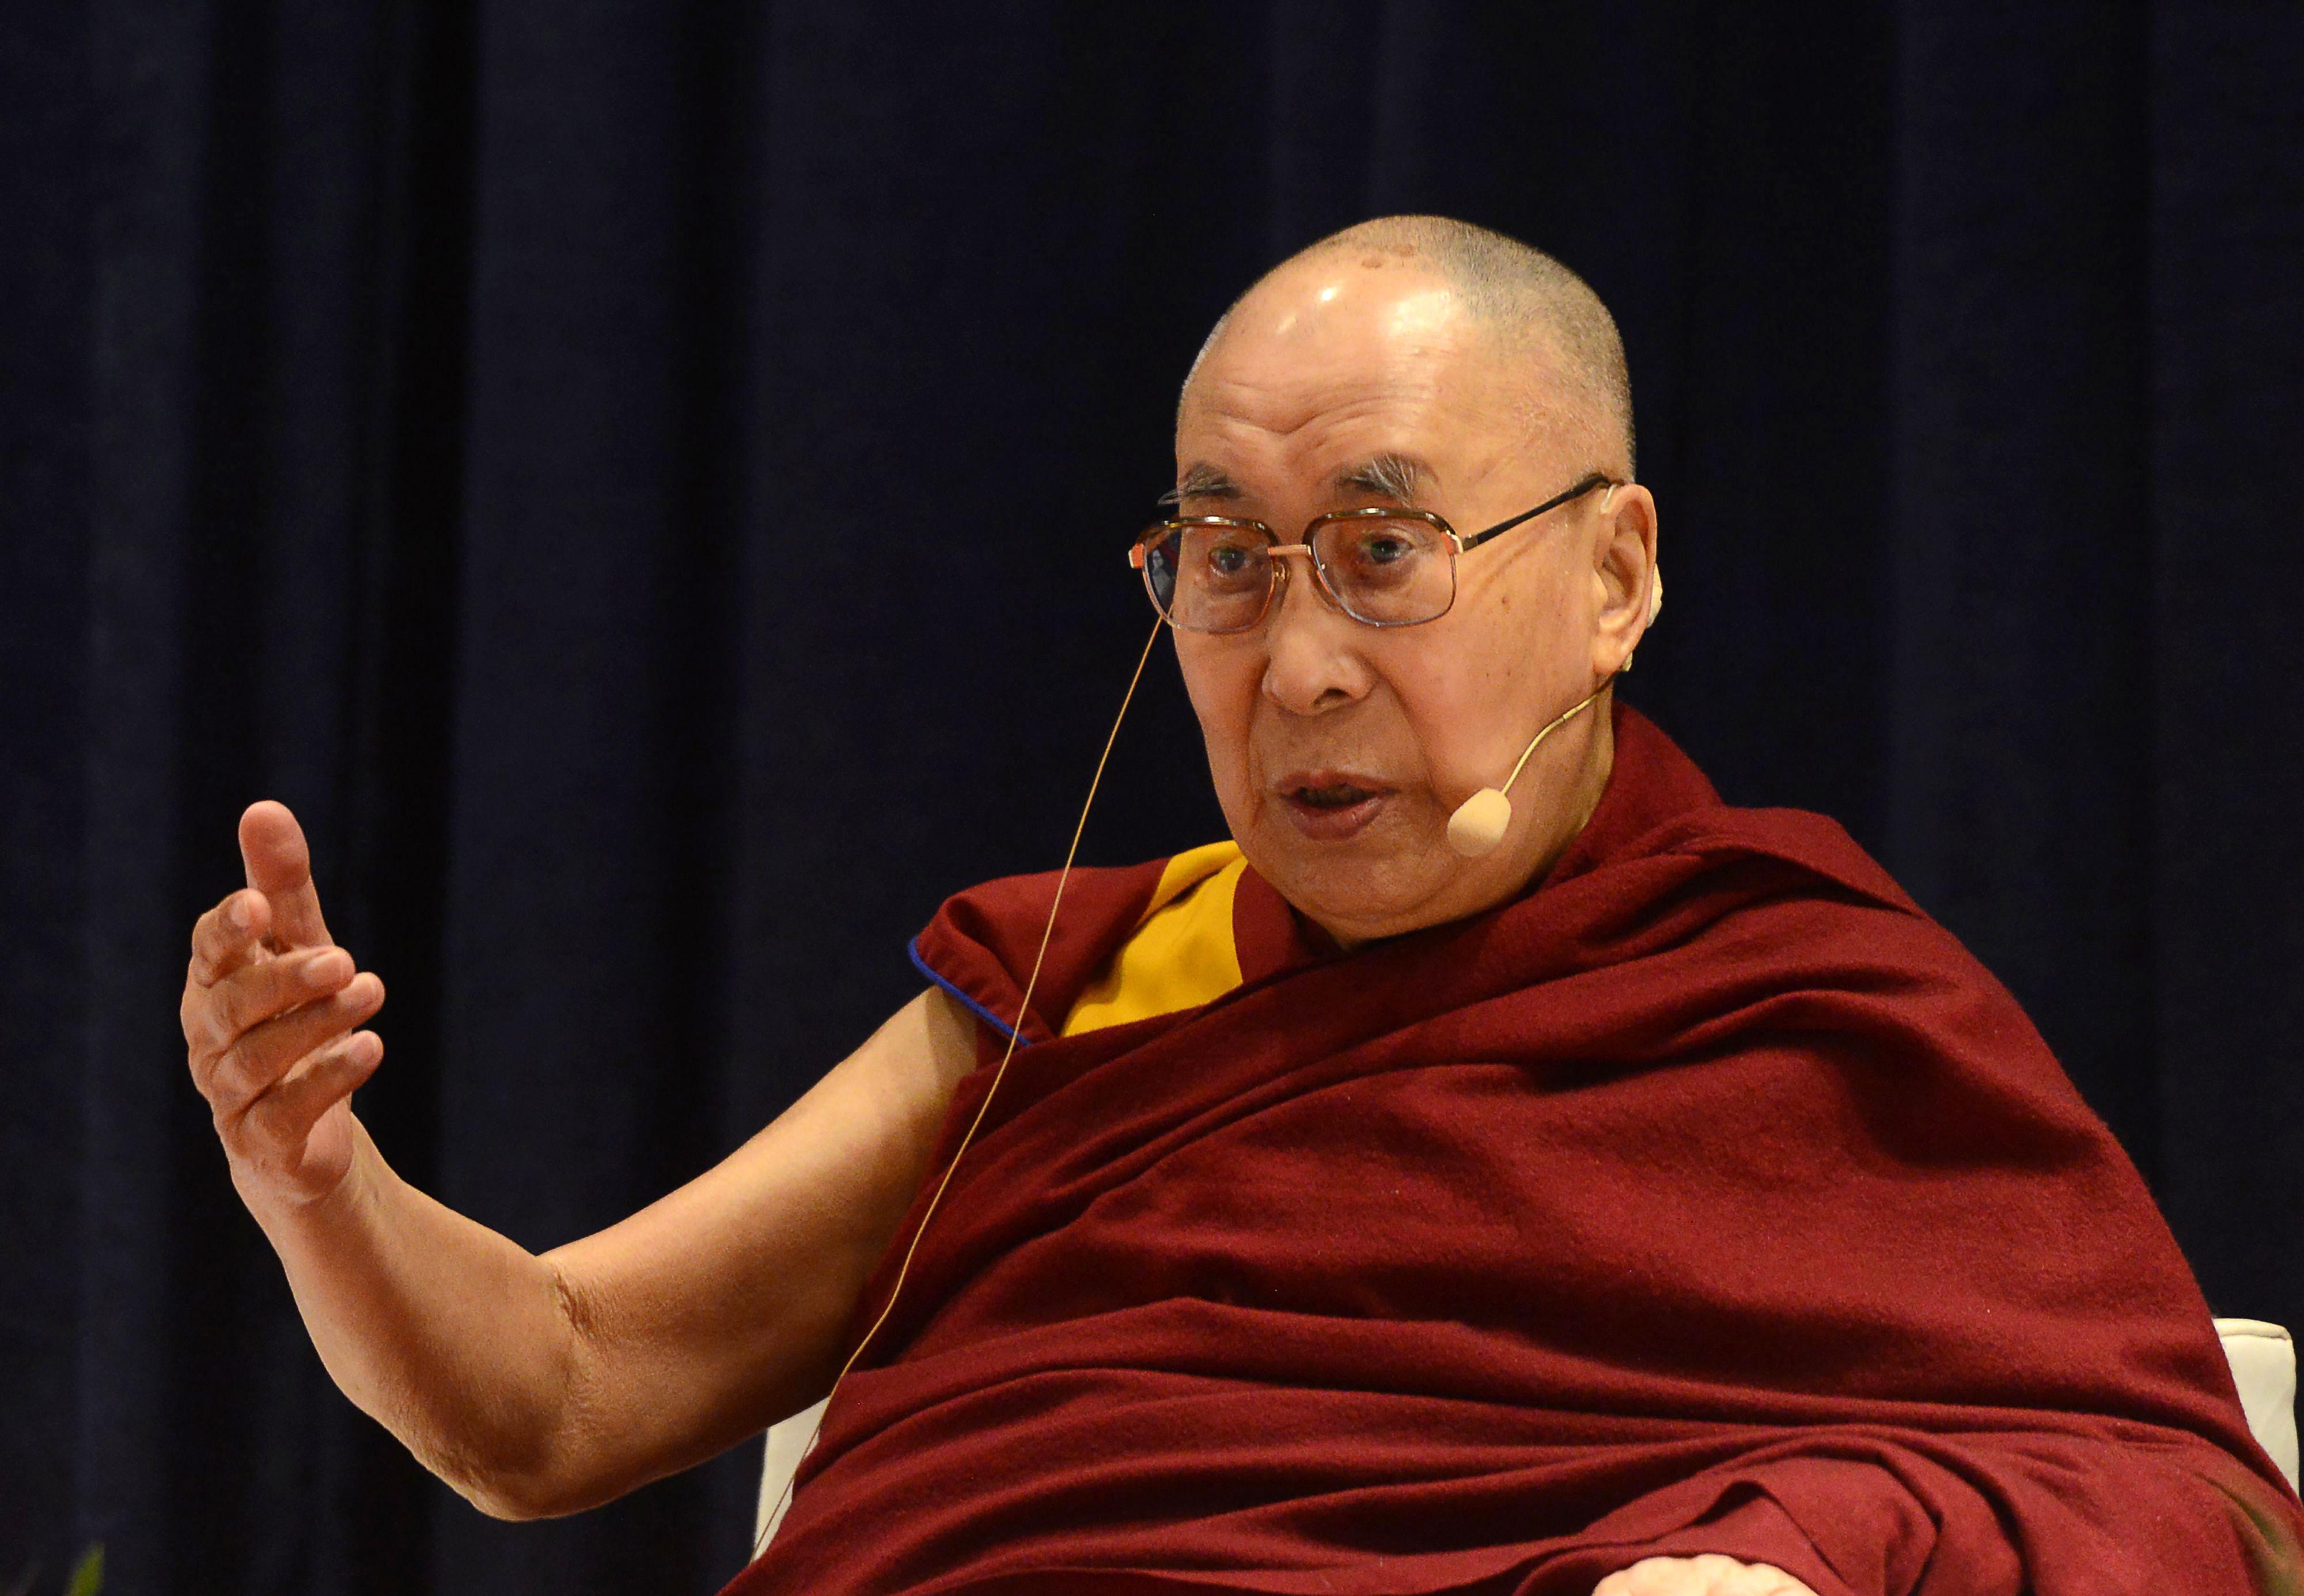 The Dalai Lama speaks in Mumbai, India, in December 2018.